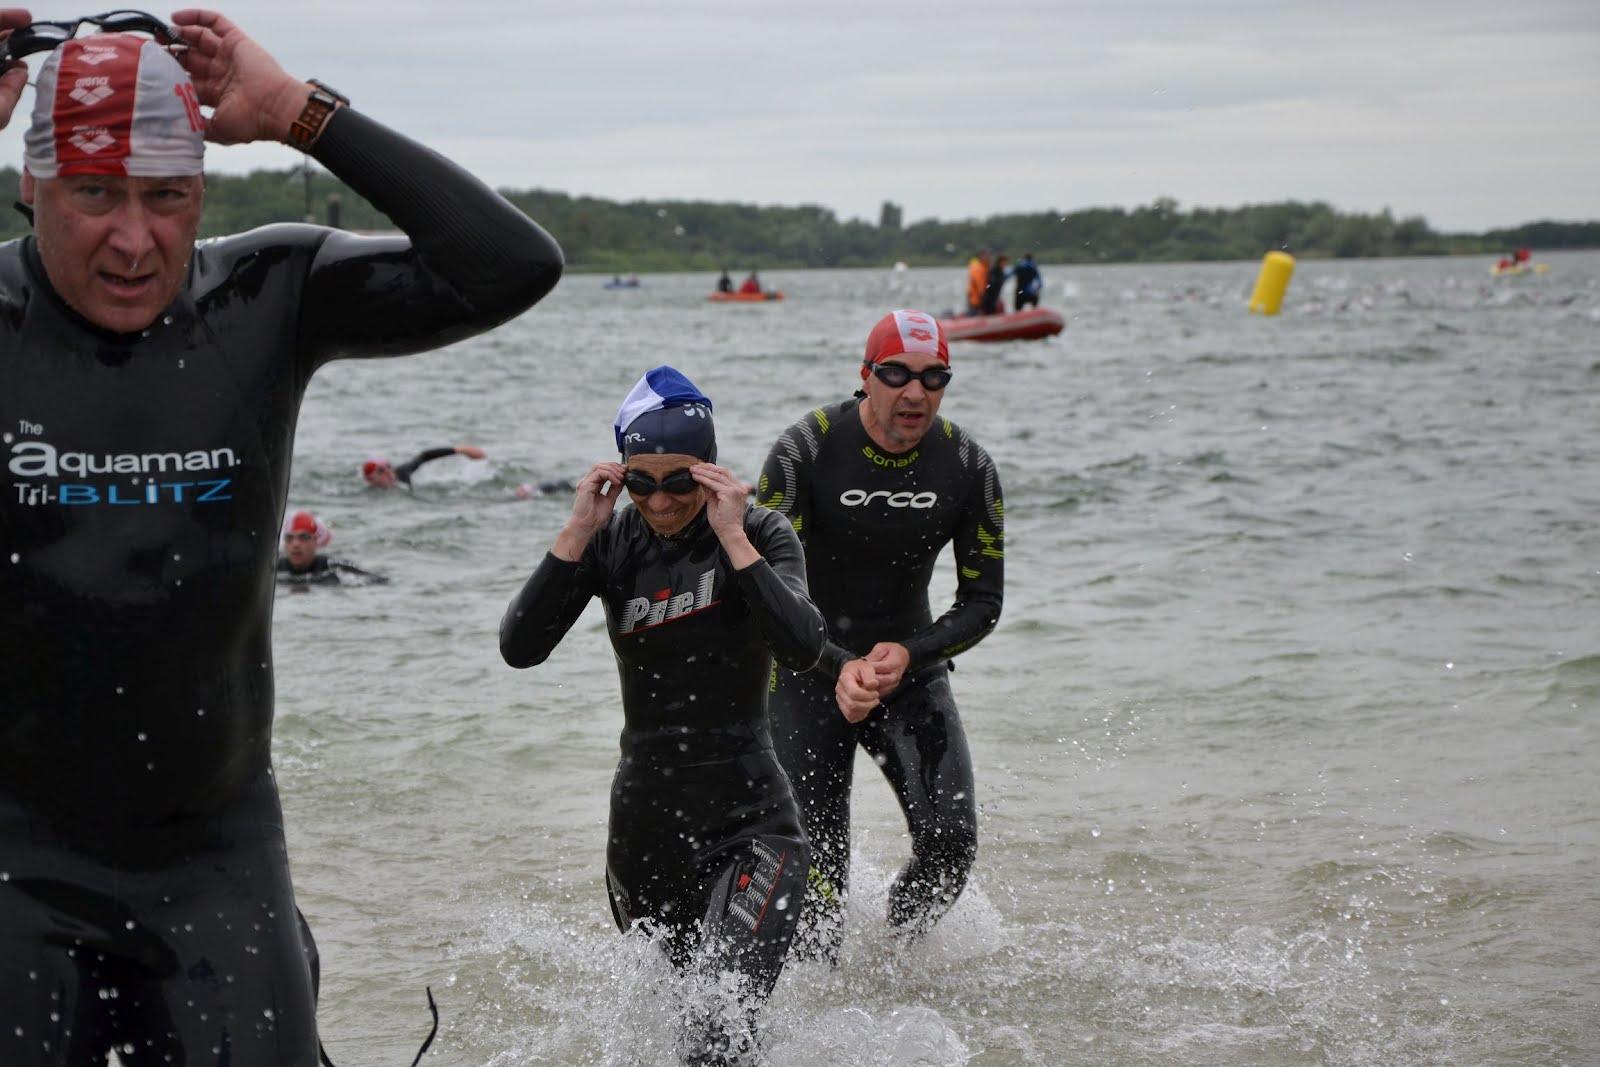 Mennecy Triathlon Se Faire Plaisir Lac Du Der 24 06 2012 Tri Vitry Le Francois Dcouverte Et Courte Distance Juin